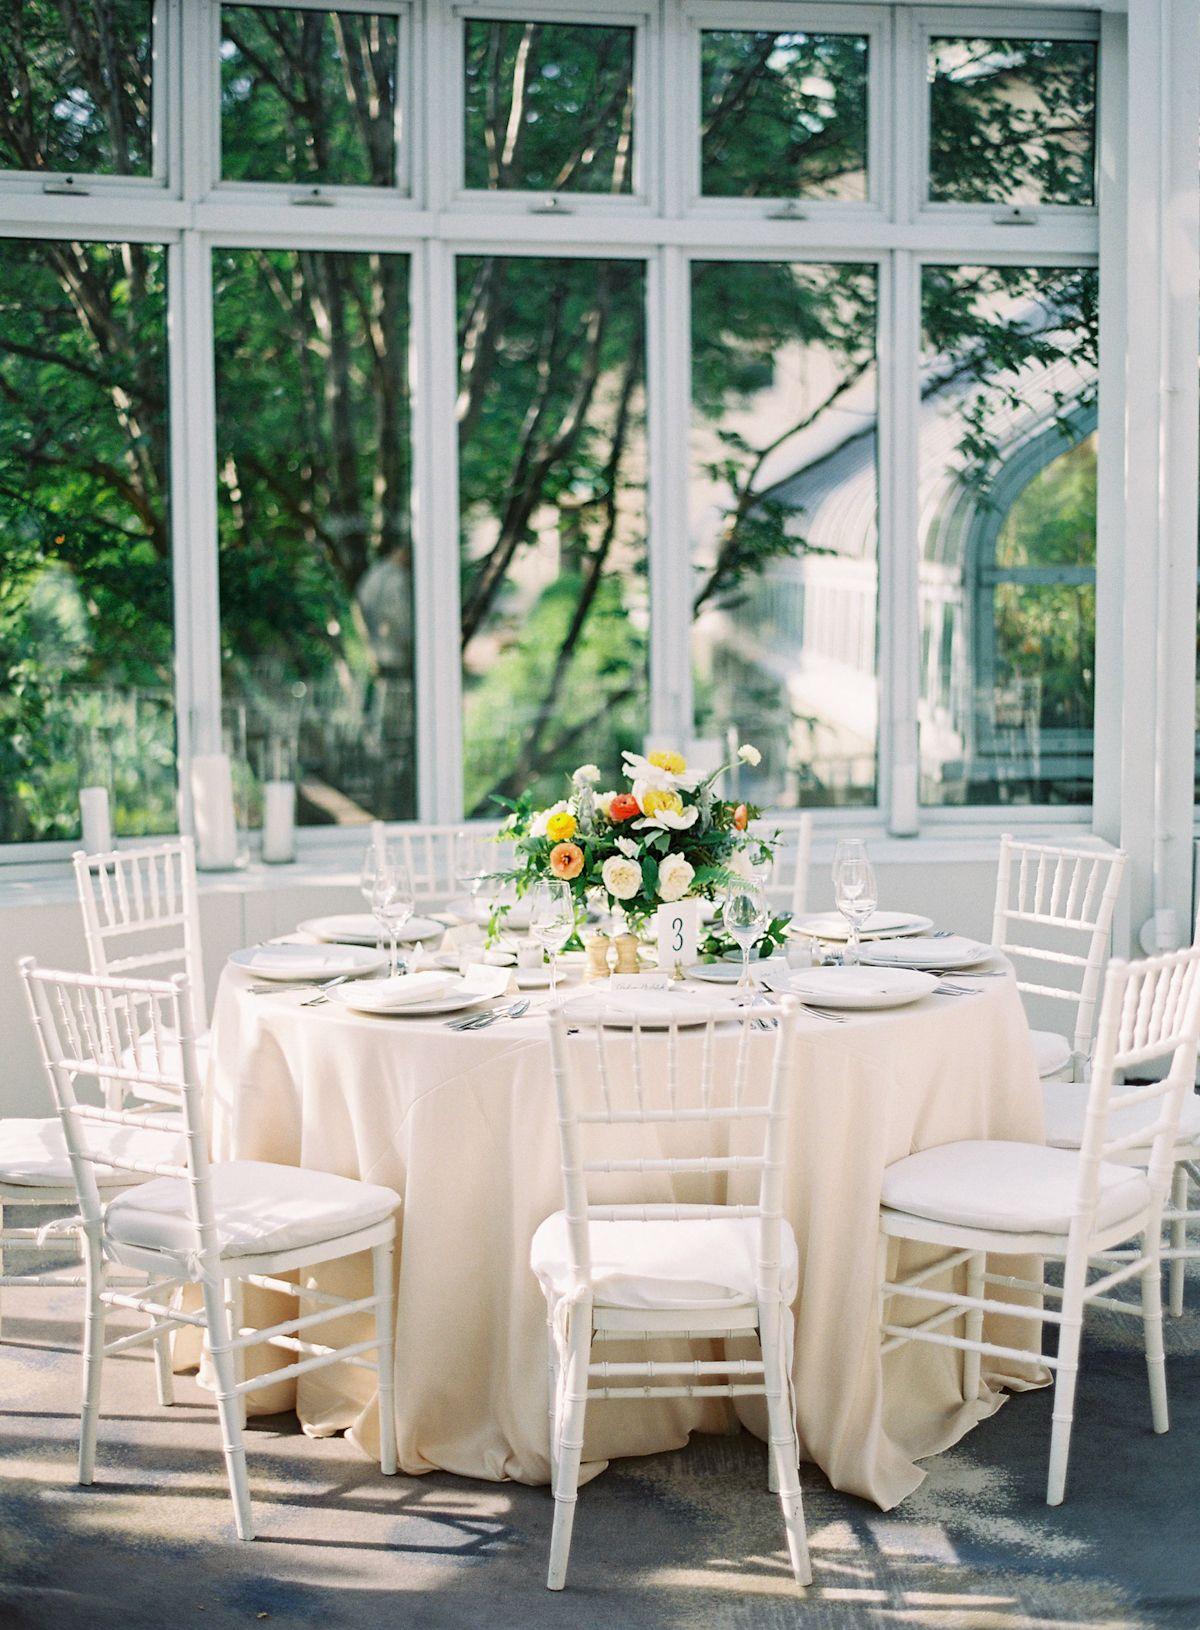 Brooklyn Botanic Gardens Wedding in 2019 Wedding